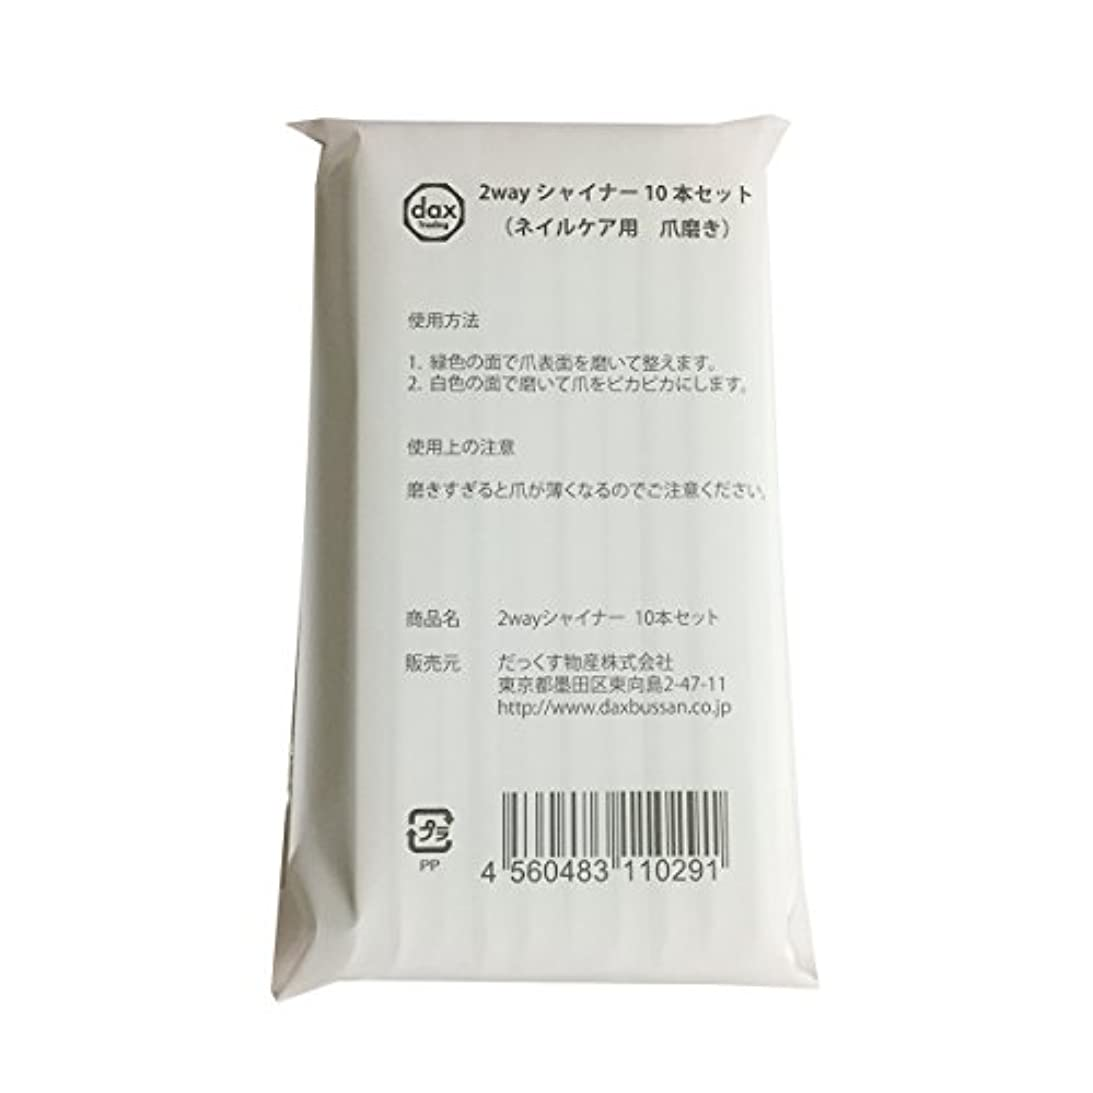 分選ぶサーカス【だっくす物産】2wayシャイナー 10本セット (ネイルケア用 爪磨き)